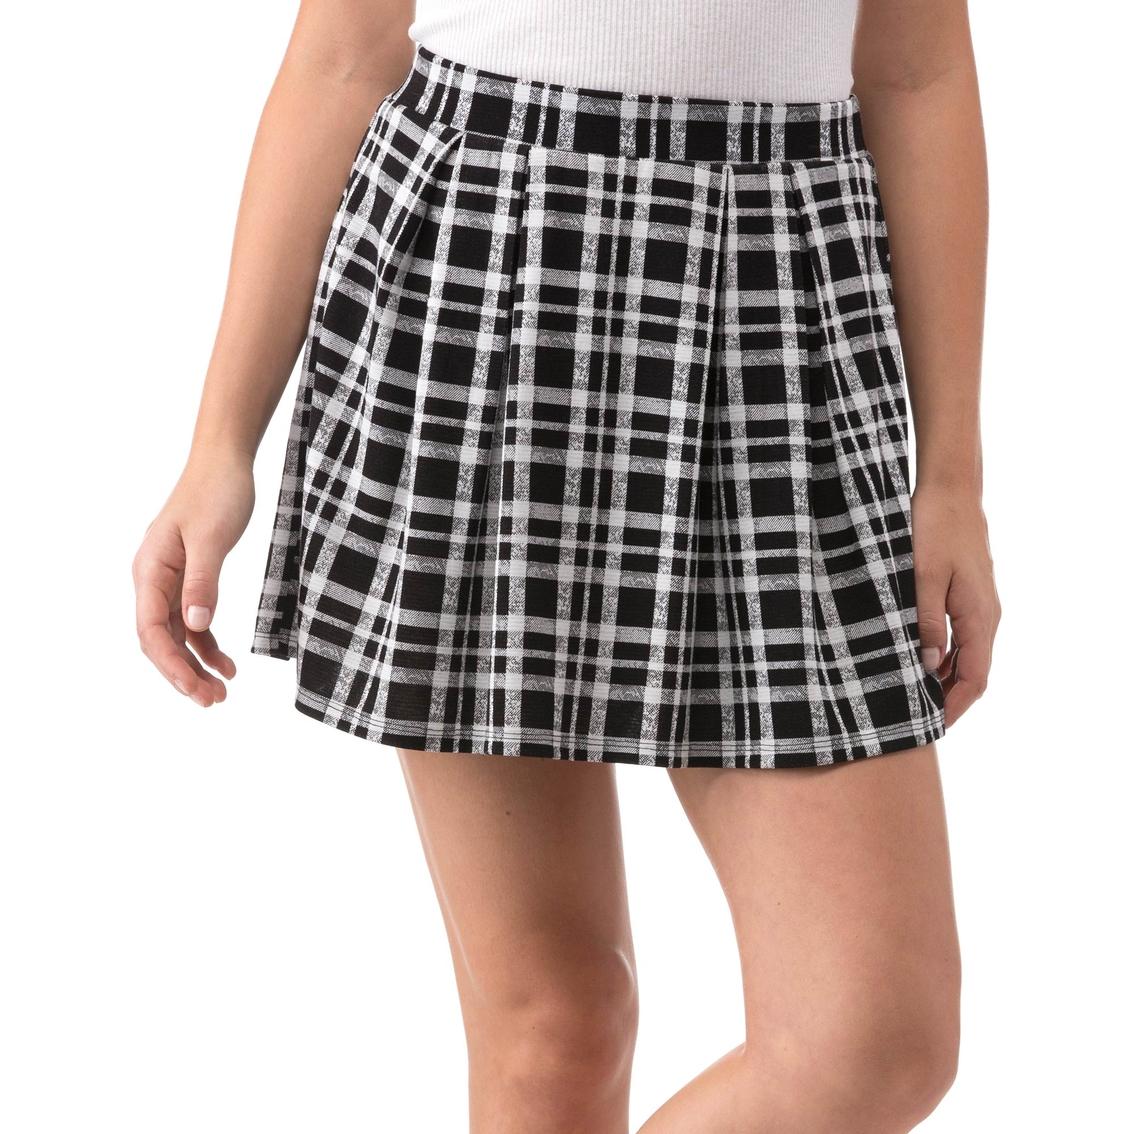 4dbc90e78 Joe B Juniors Skater Plaid Skirt   Skirts   Apparel   Shop The Exchange